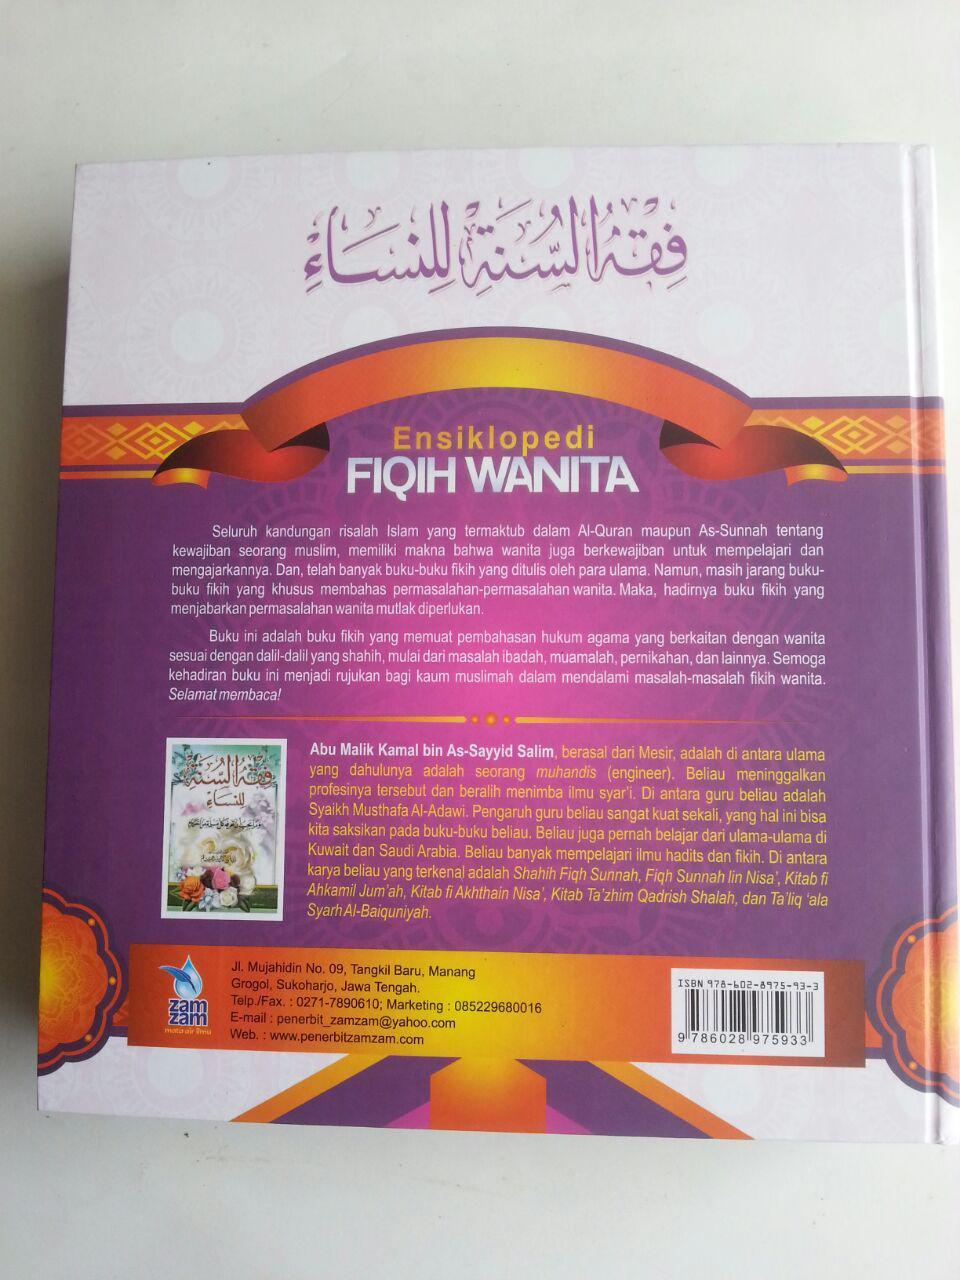 Buku Ensiklopedi Fiqih Wanita Pembahasan Lengkap Masalah Wanita cover